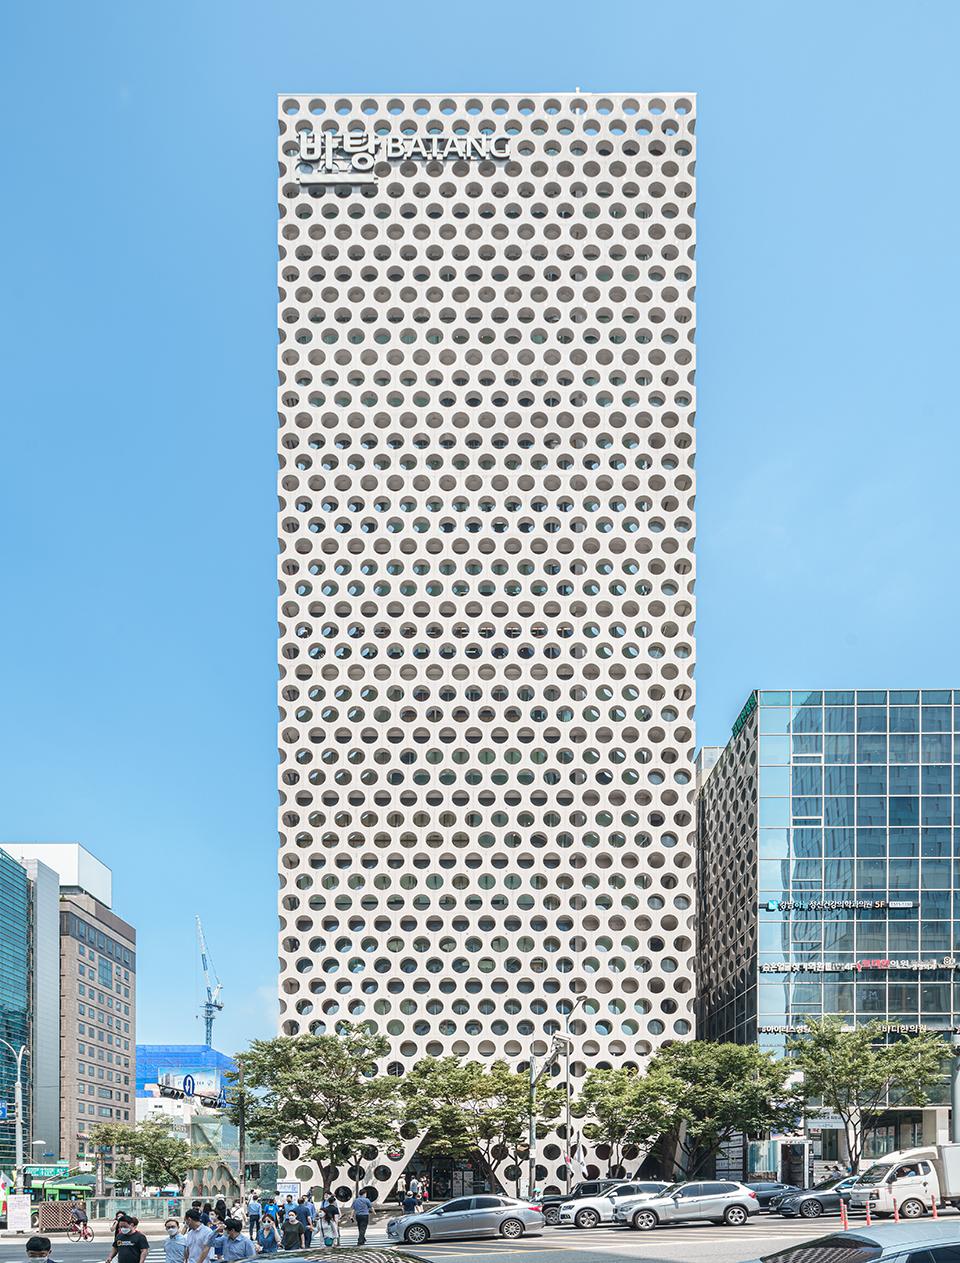 강남에 위치한 어반하이브 빌딩